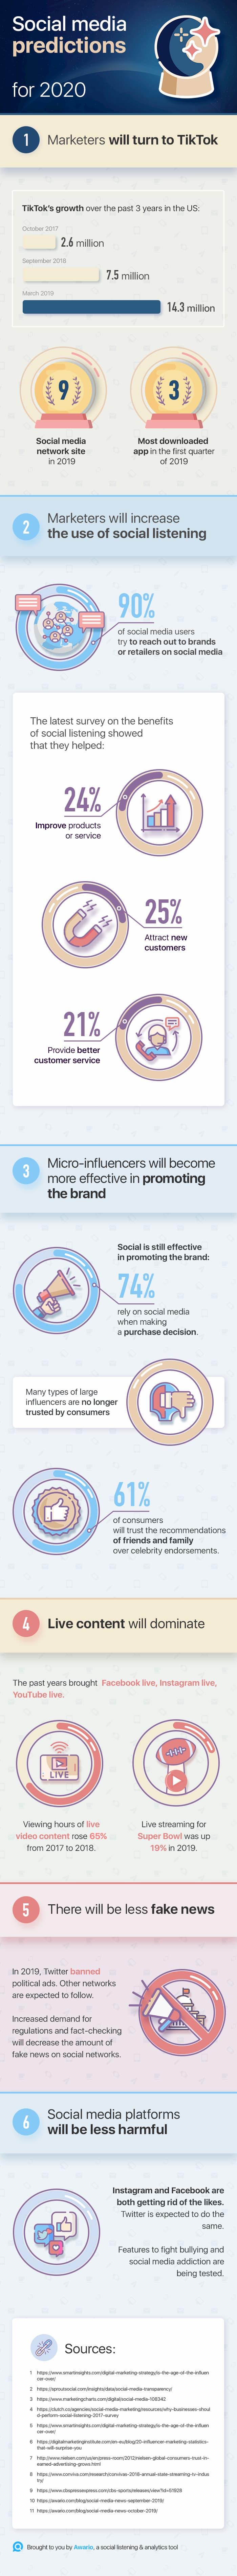 infografia Predicciones sobre redes sociales para 2020